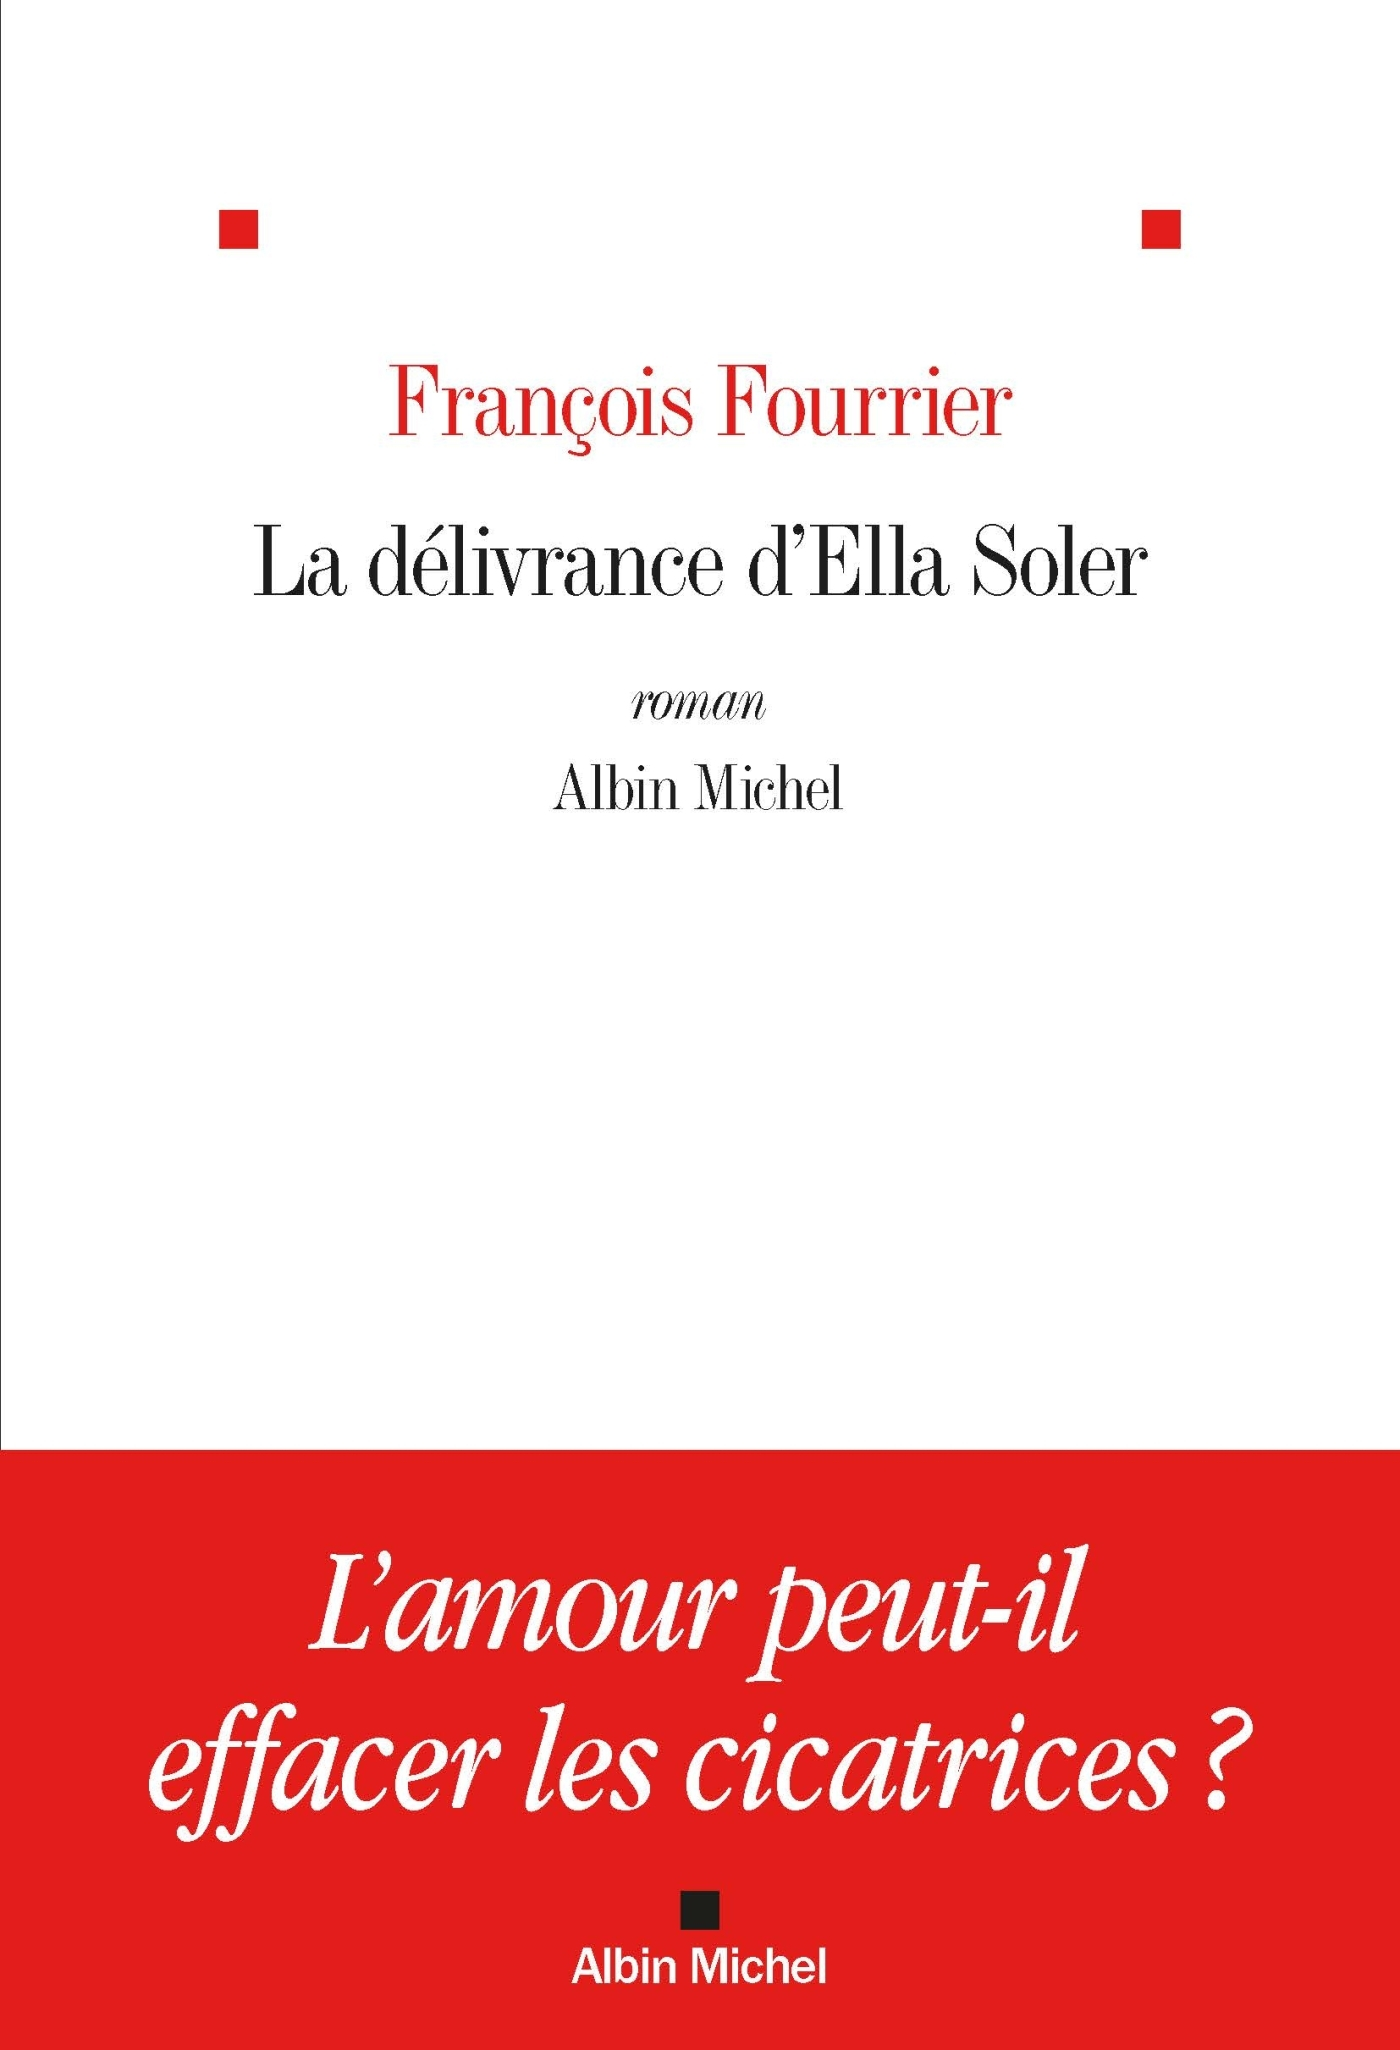 LA DELIVRANCE D'ELLA SOLER